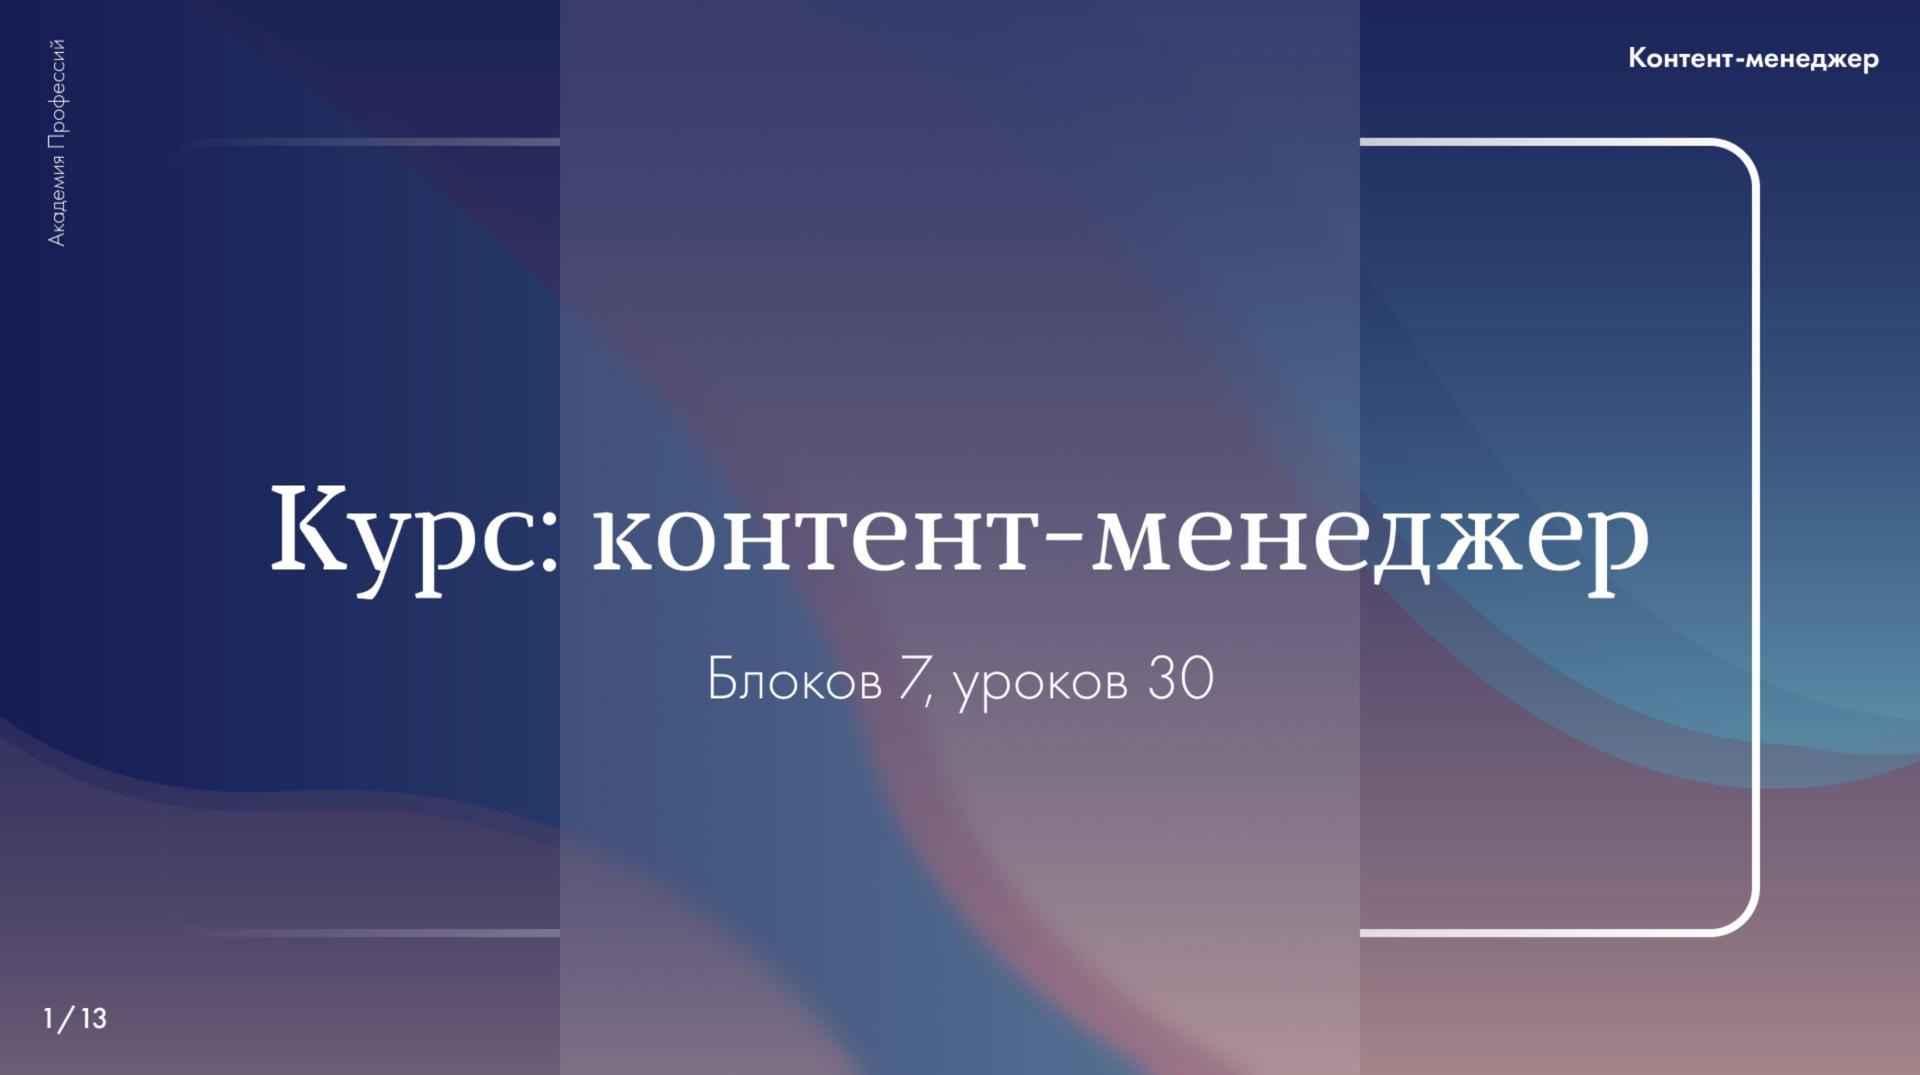 дизайн обложки для презентации курса контент-менеджер